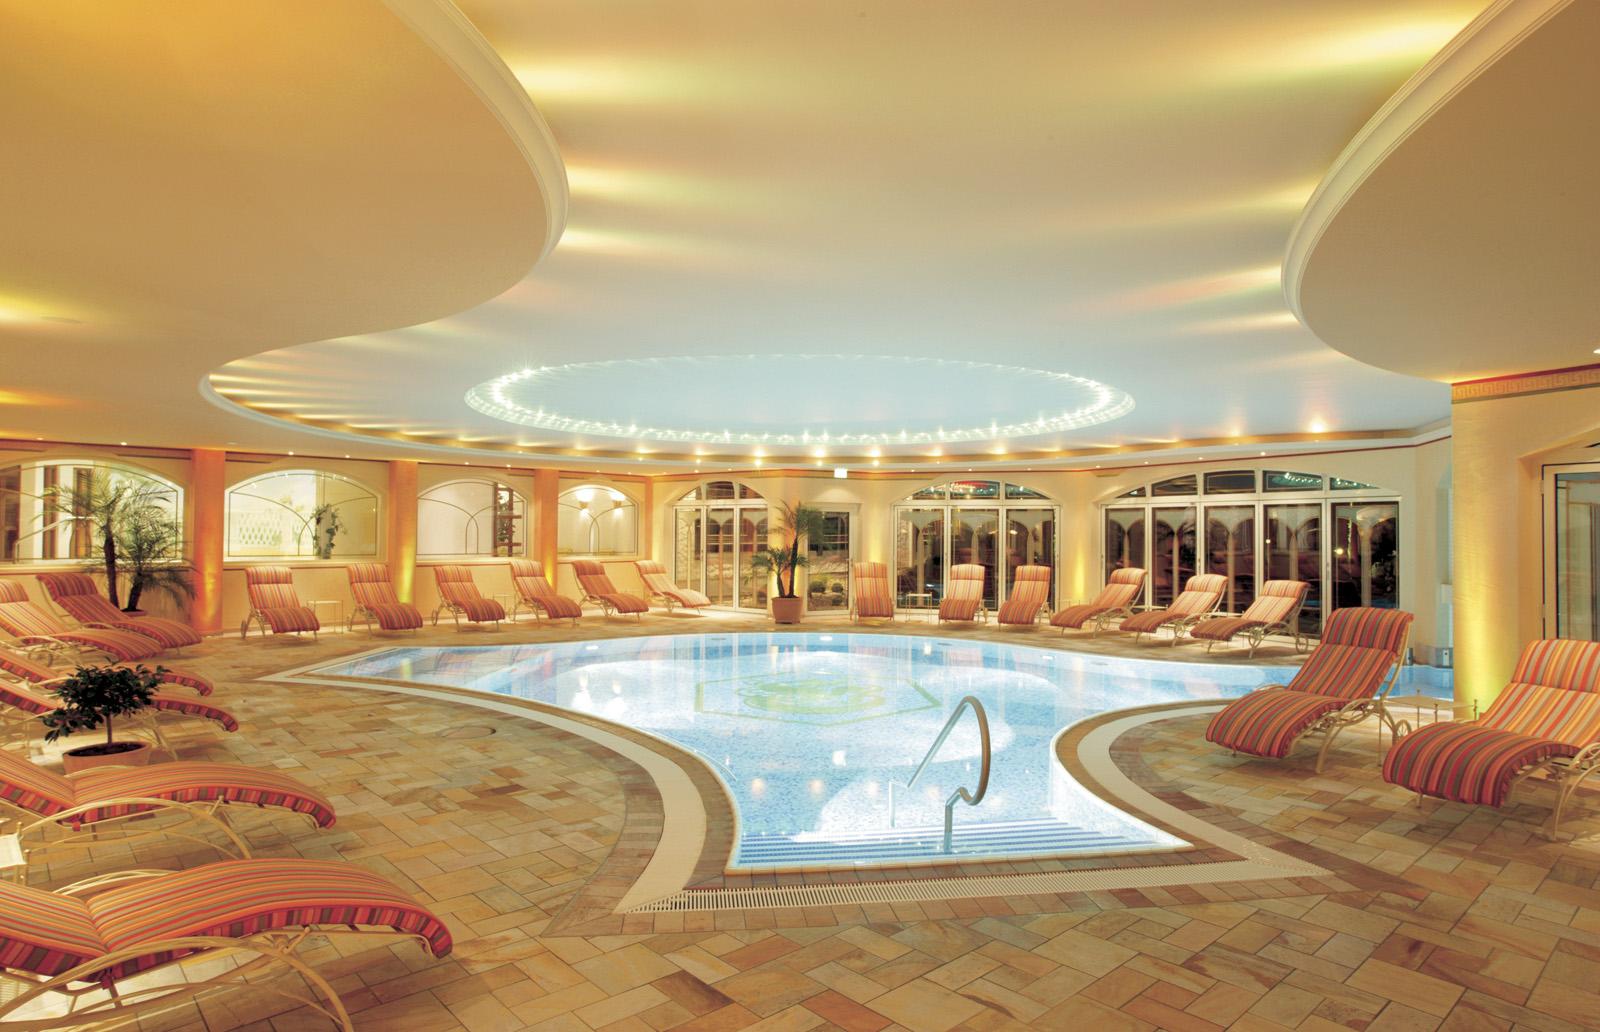 Innenpool - Hotel Engel, Baierbronn / Obertal